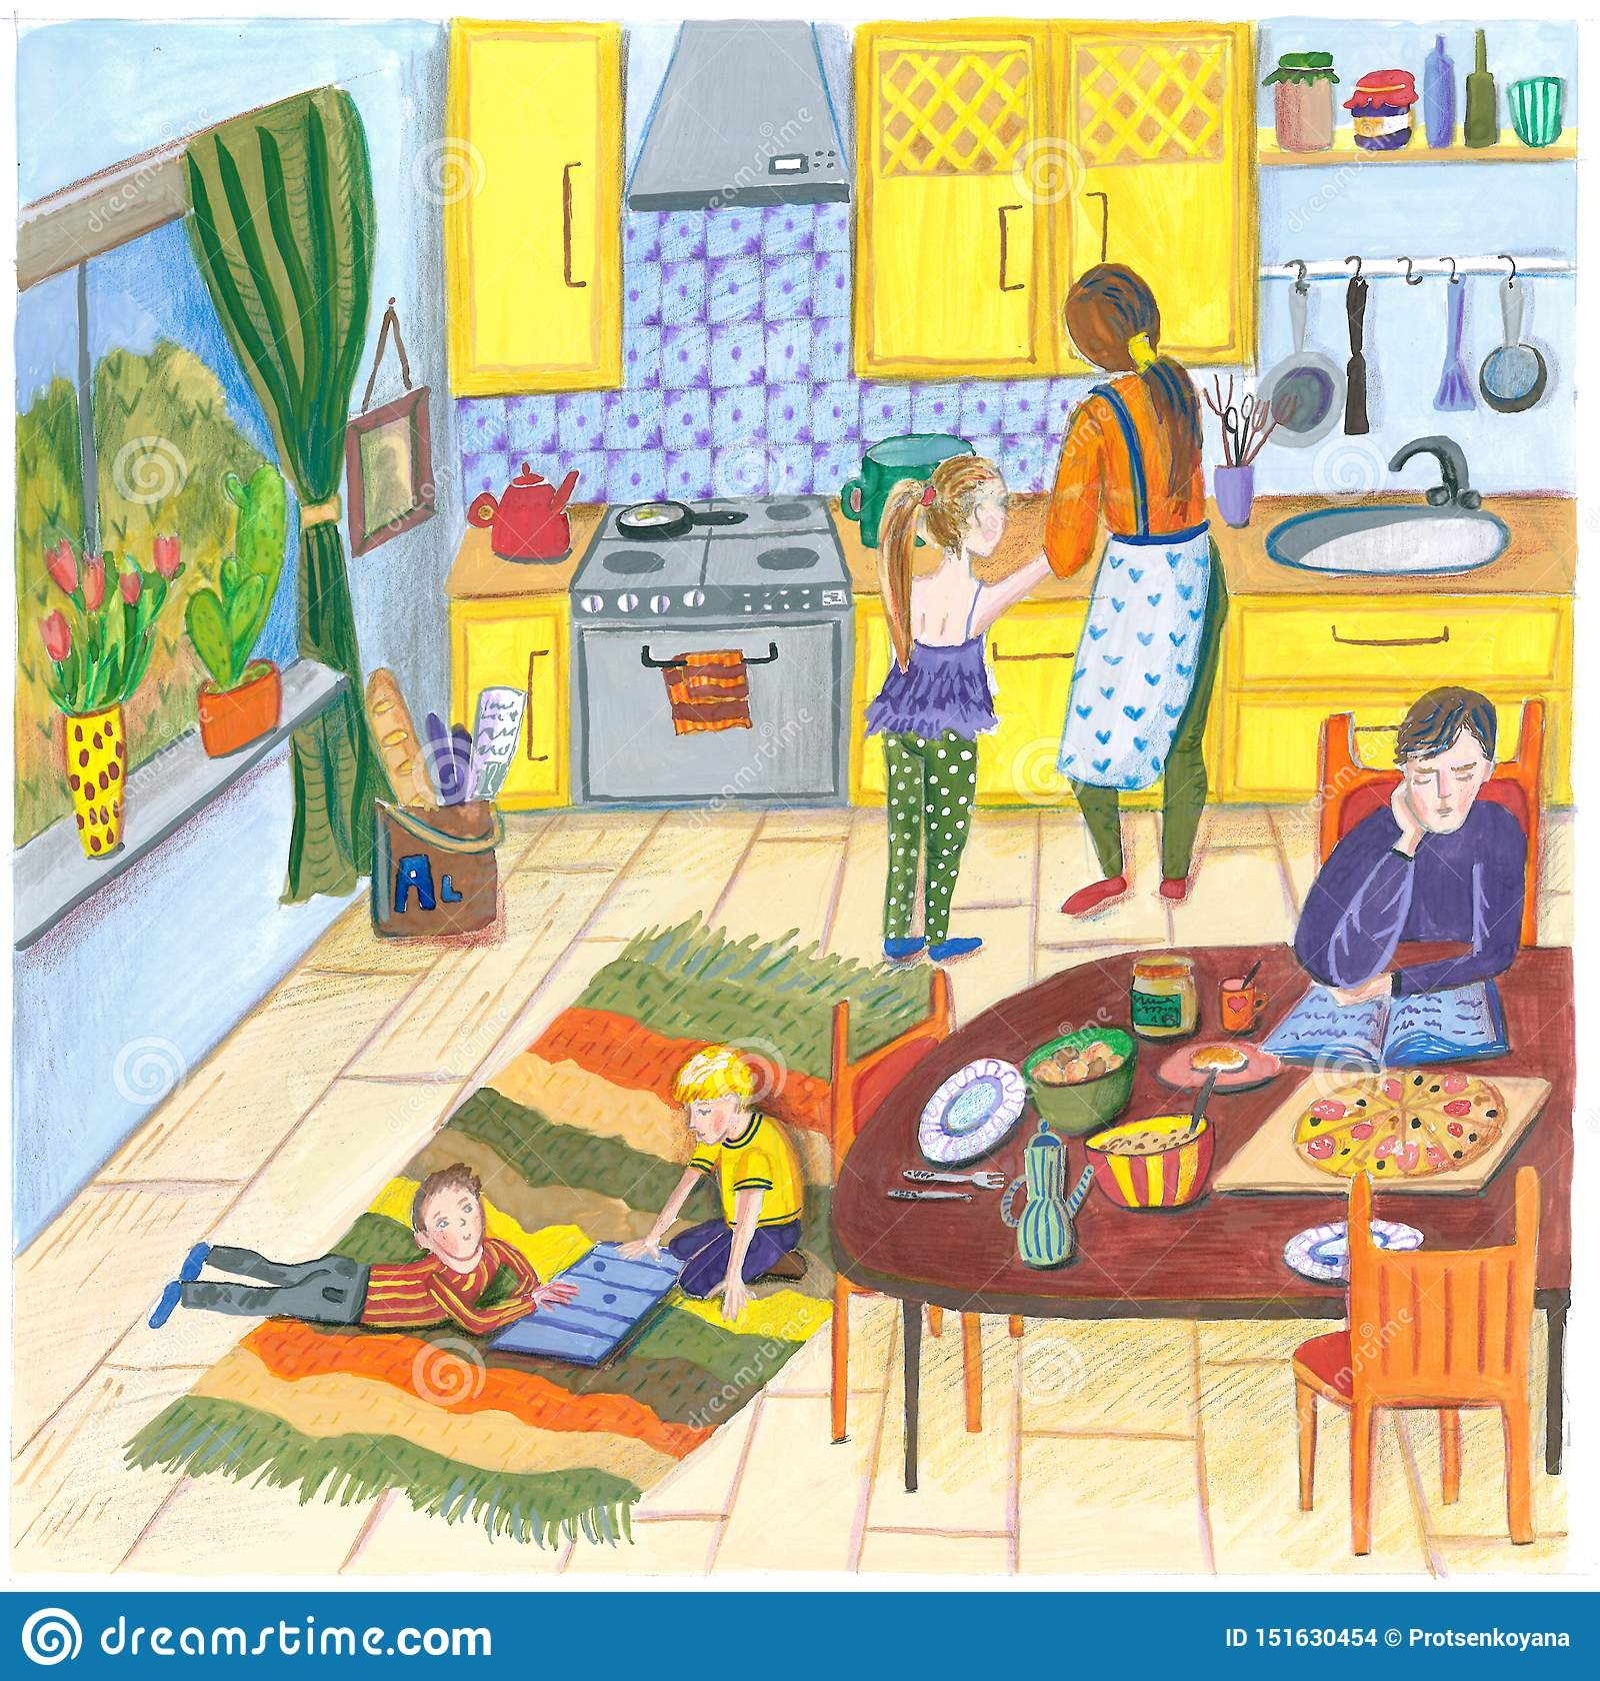 Иллюстрация счастливой семьи дома в кухне на обед, обедающий или завтрак, мать, отца, ребенка и собаку в a